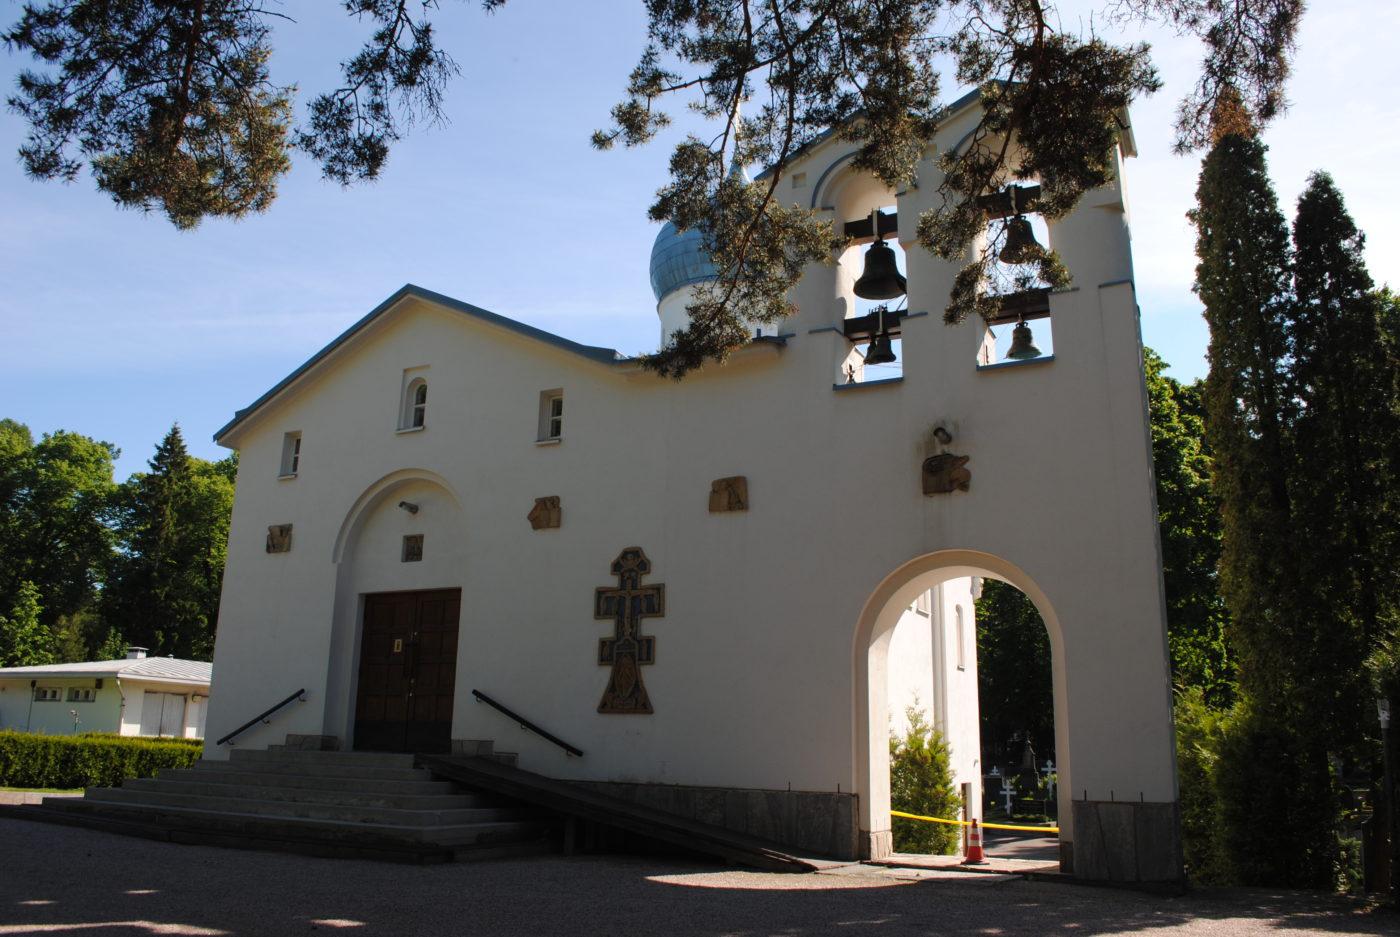 Vaalea kirkko kellotpauleineen